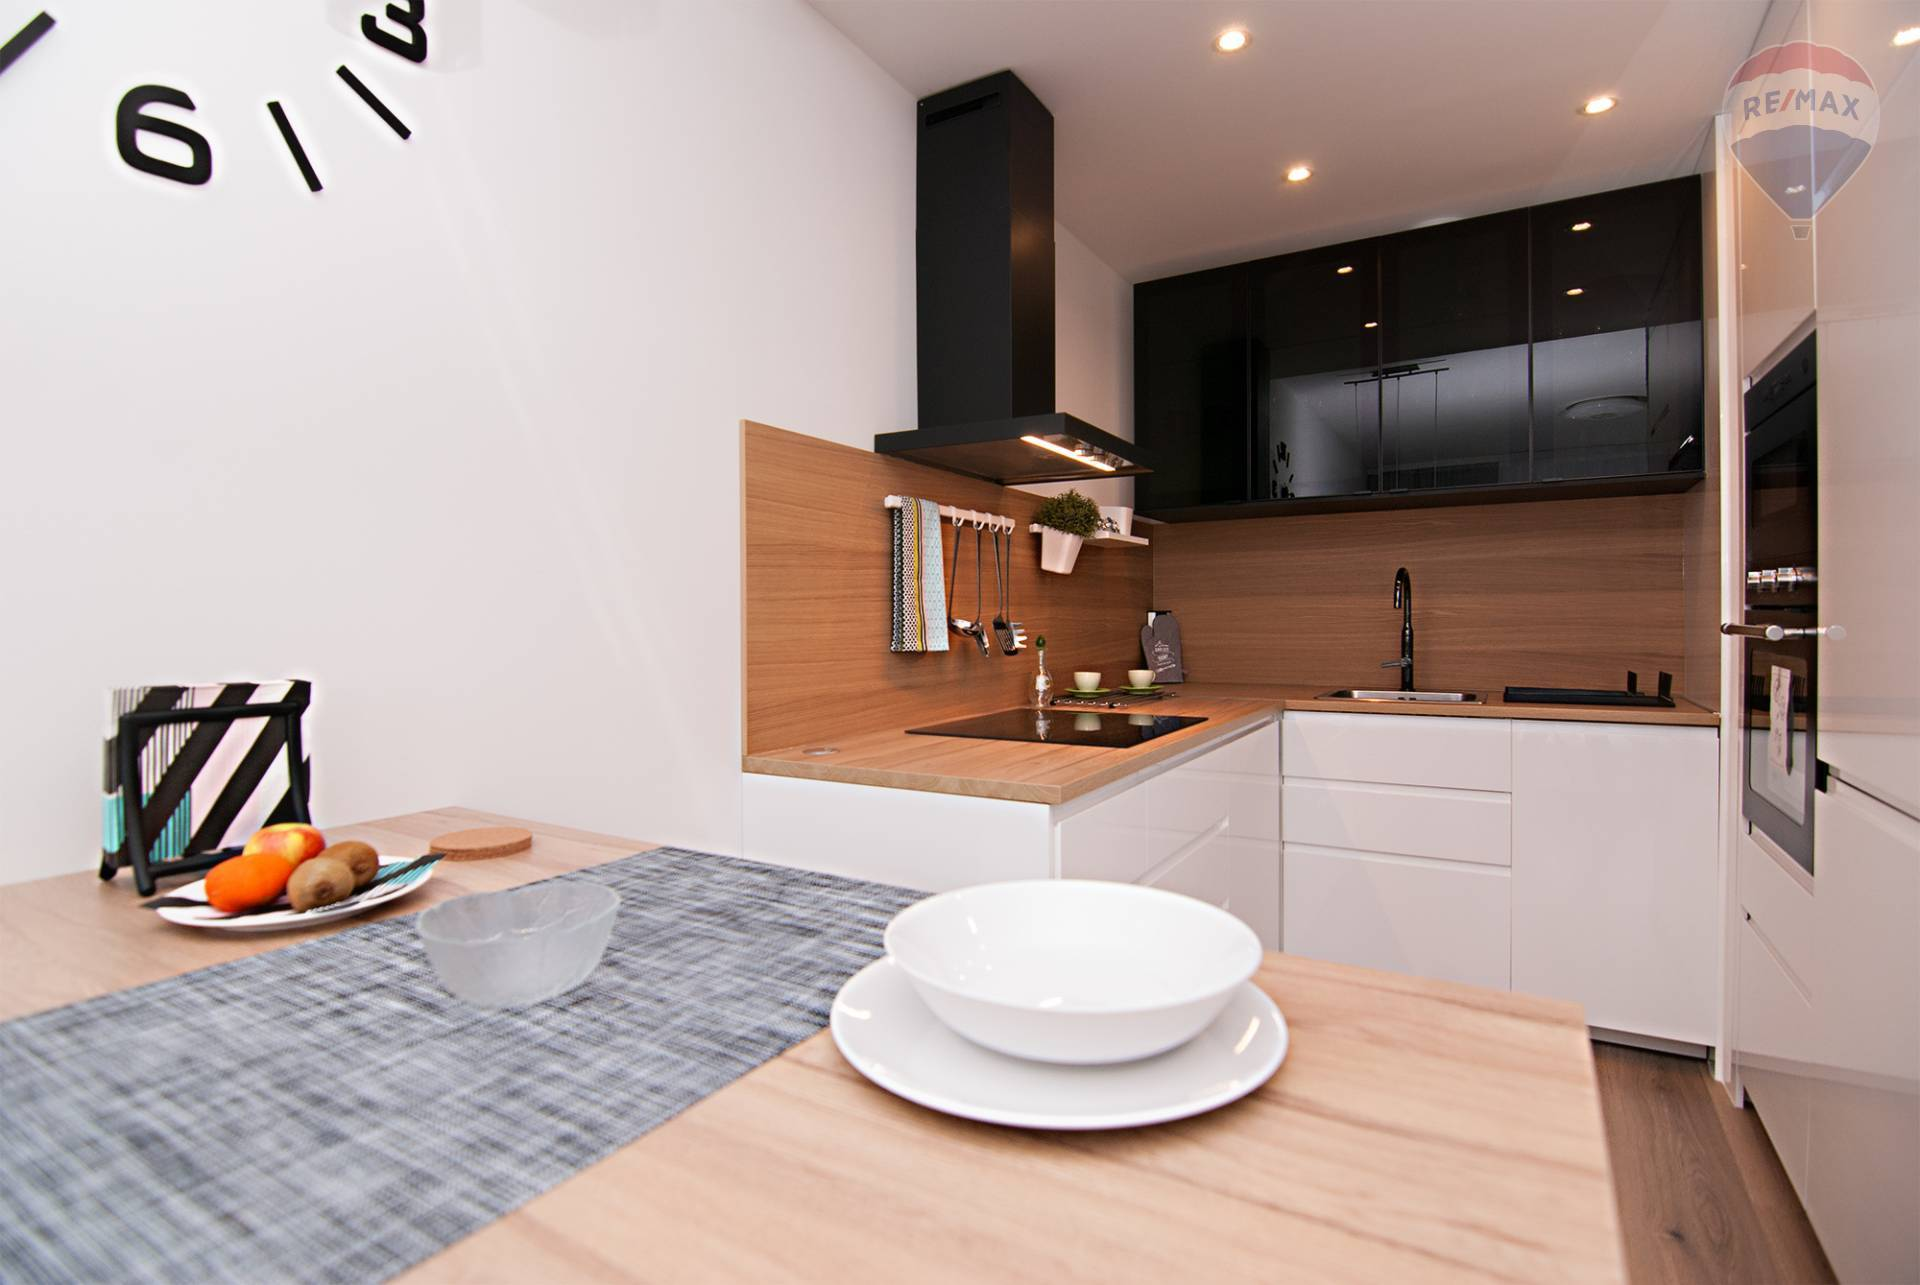 Prenájom bytu (2 izbový) 48 m2, Bratislava - Petržalka - kuchyňa